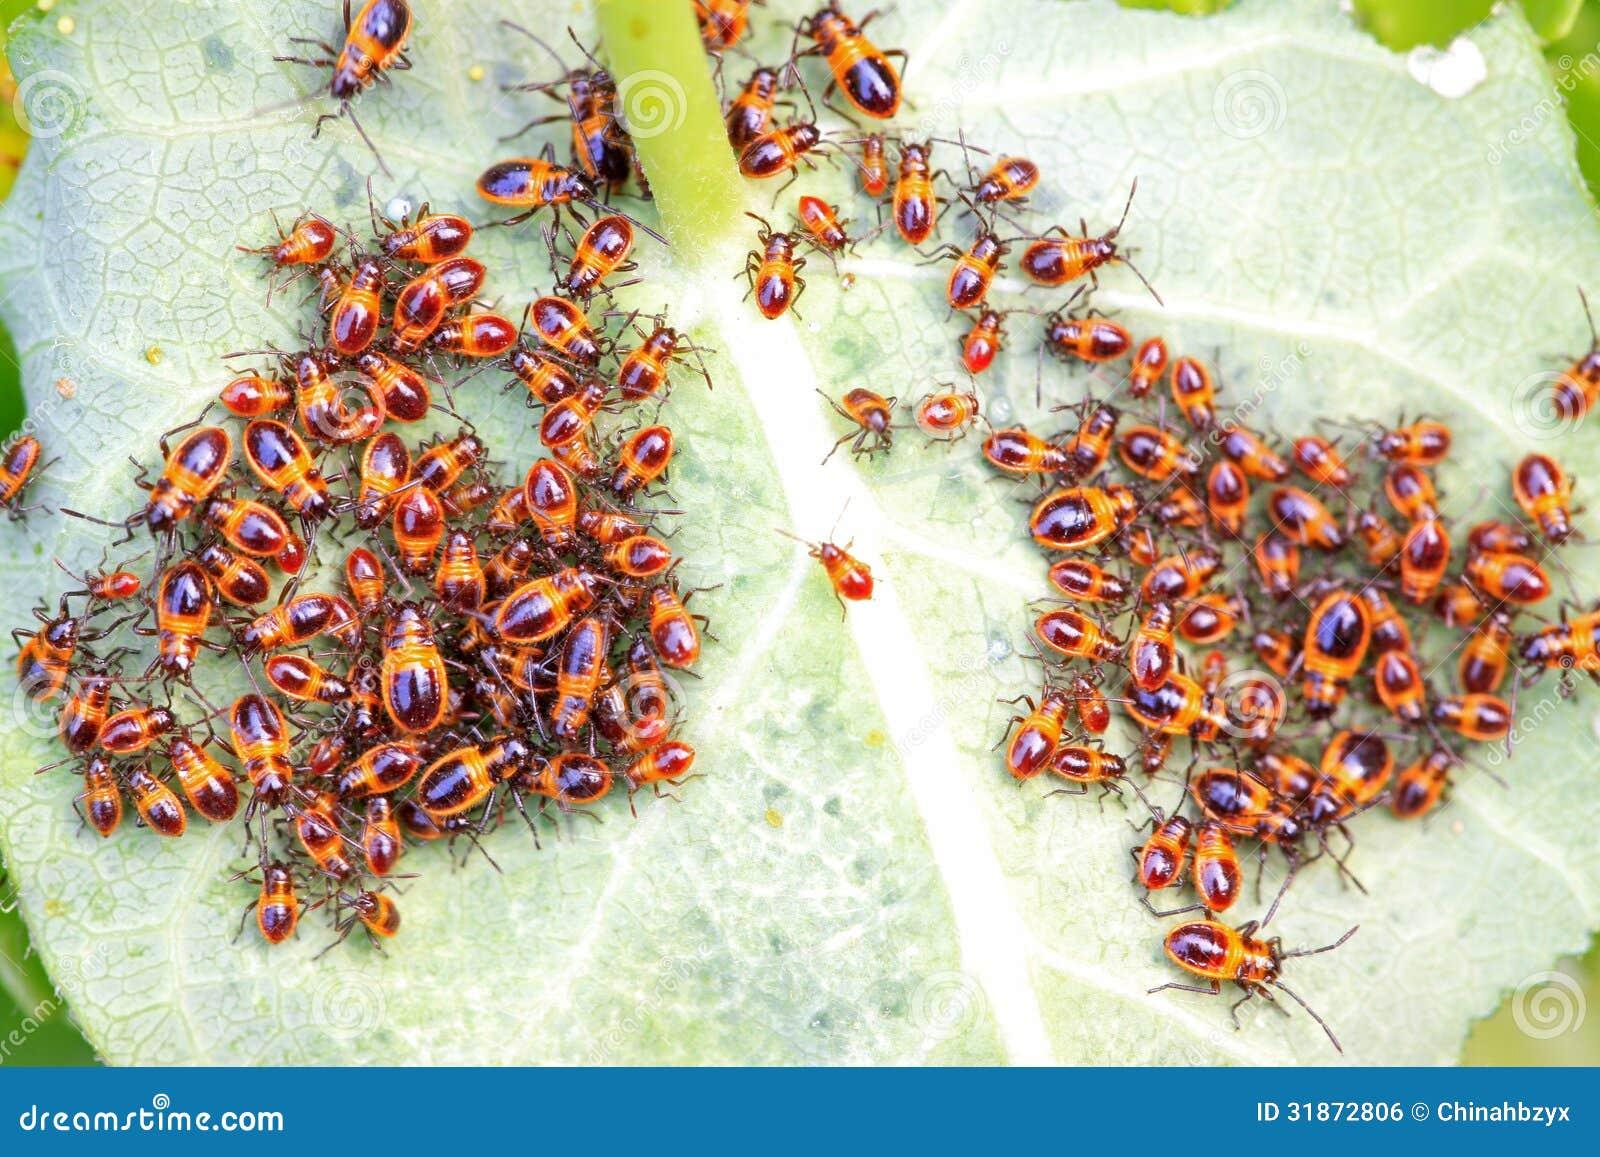 Insectes De Punaise Des Bois Dans Le Sauvage Image libre